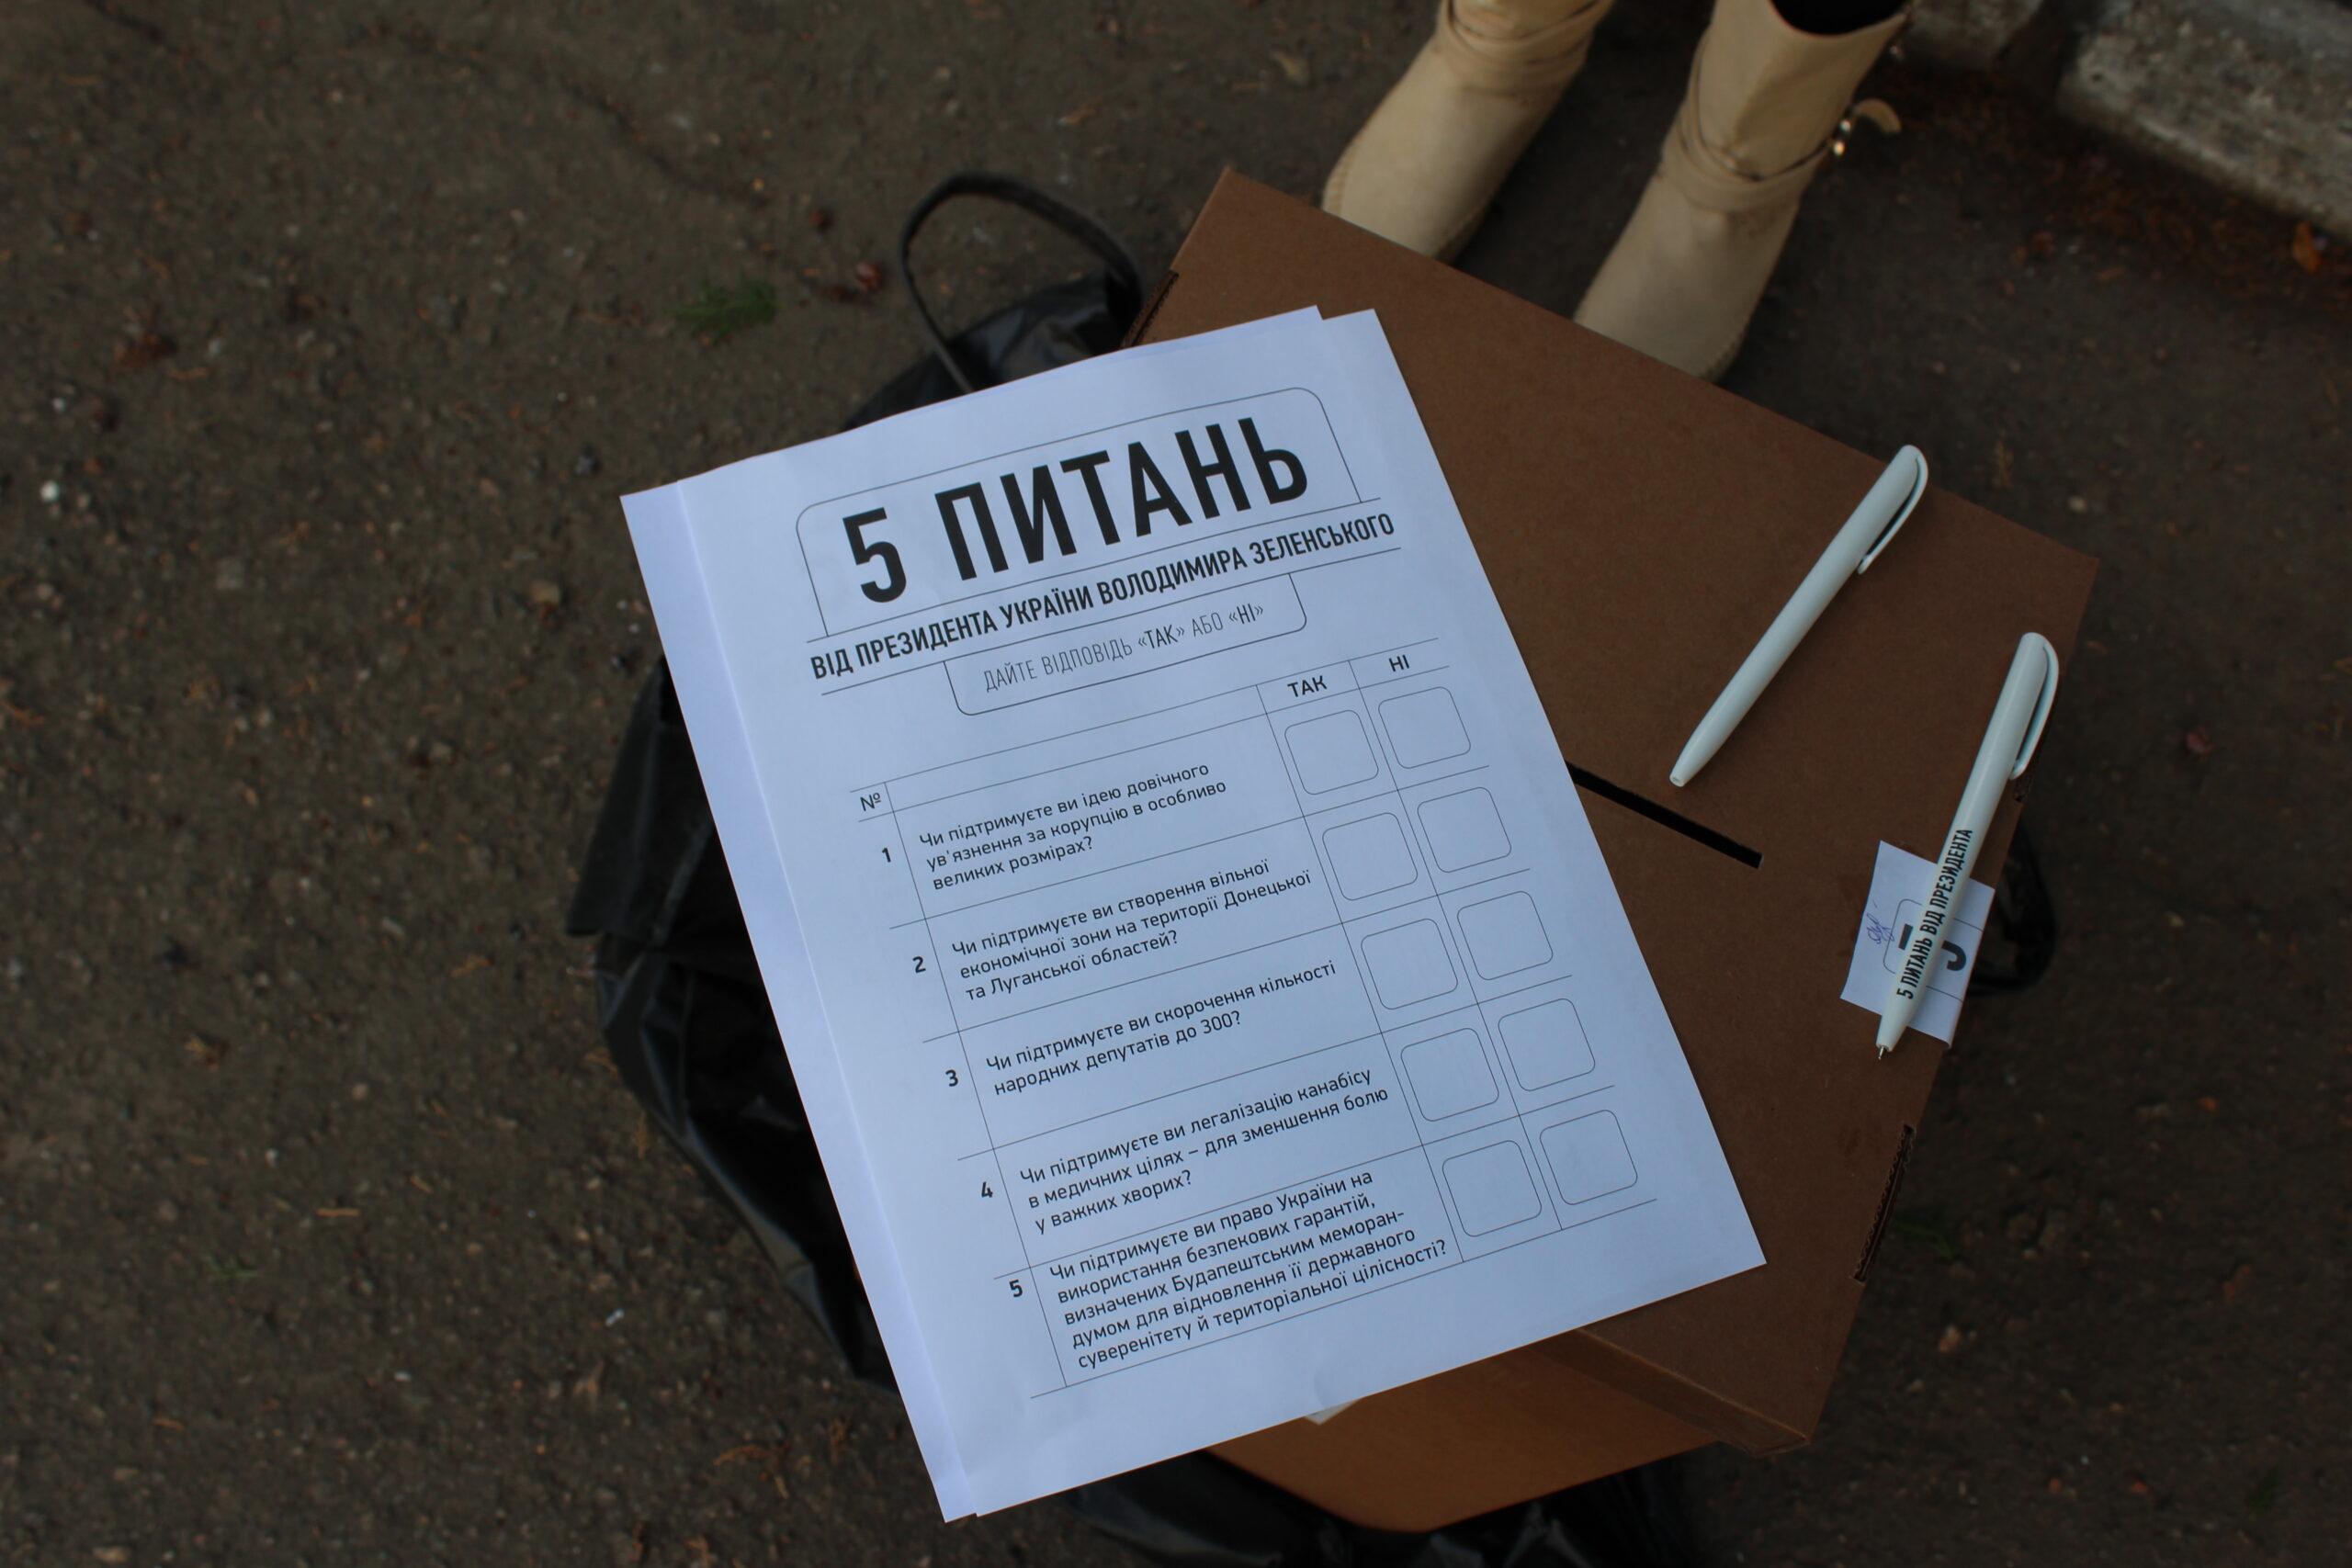 Незаконне «Опитування від президента» у Запоріжжі проводять діти: фото